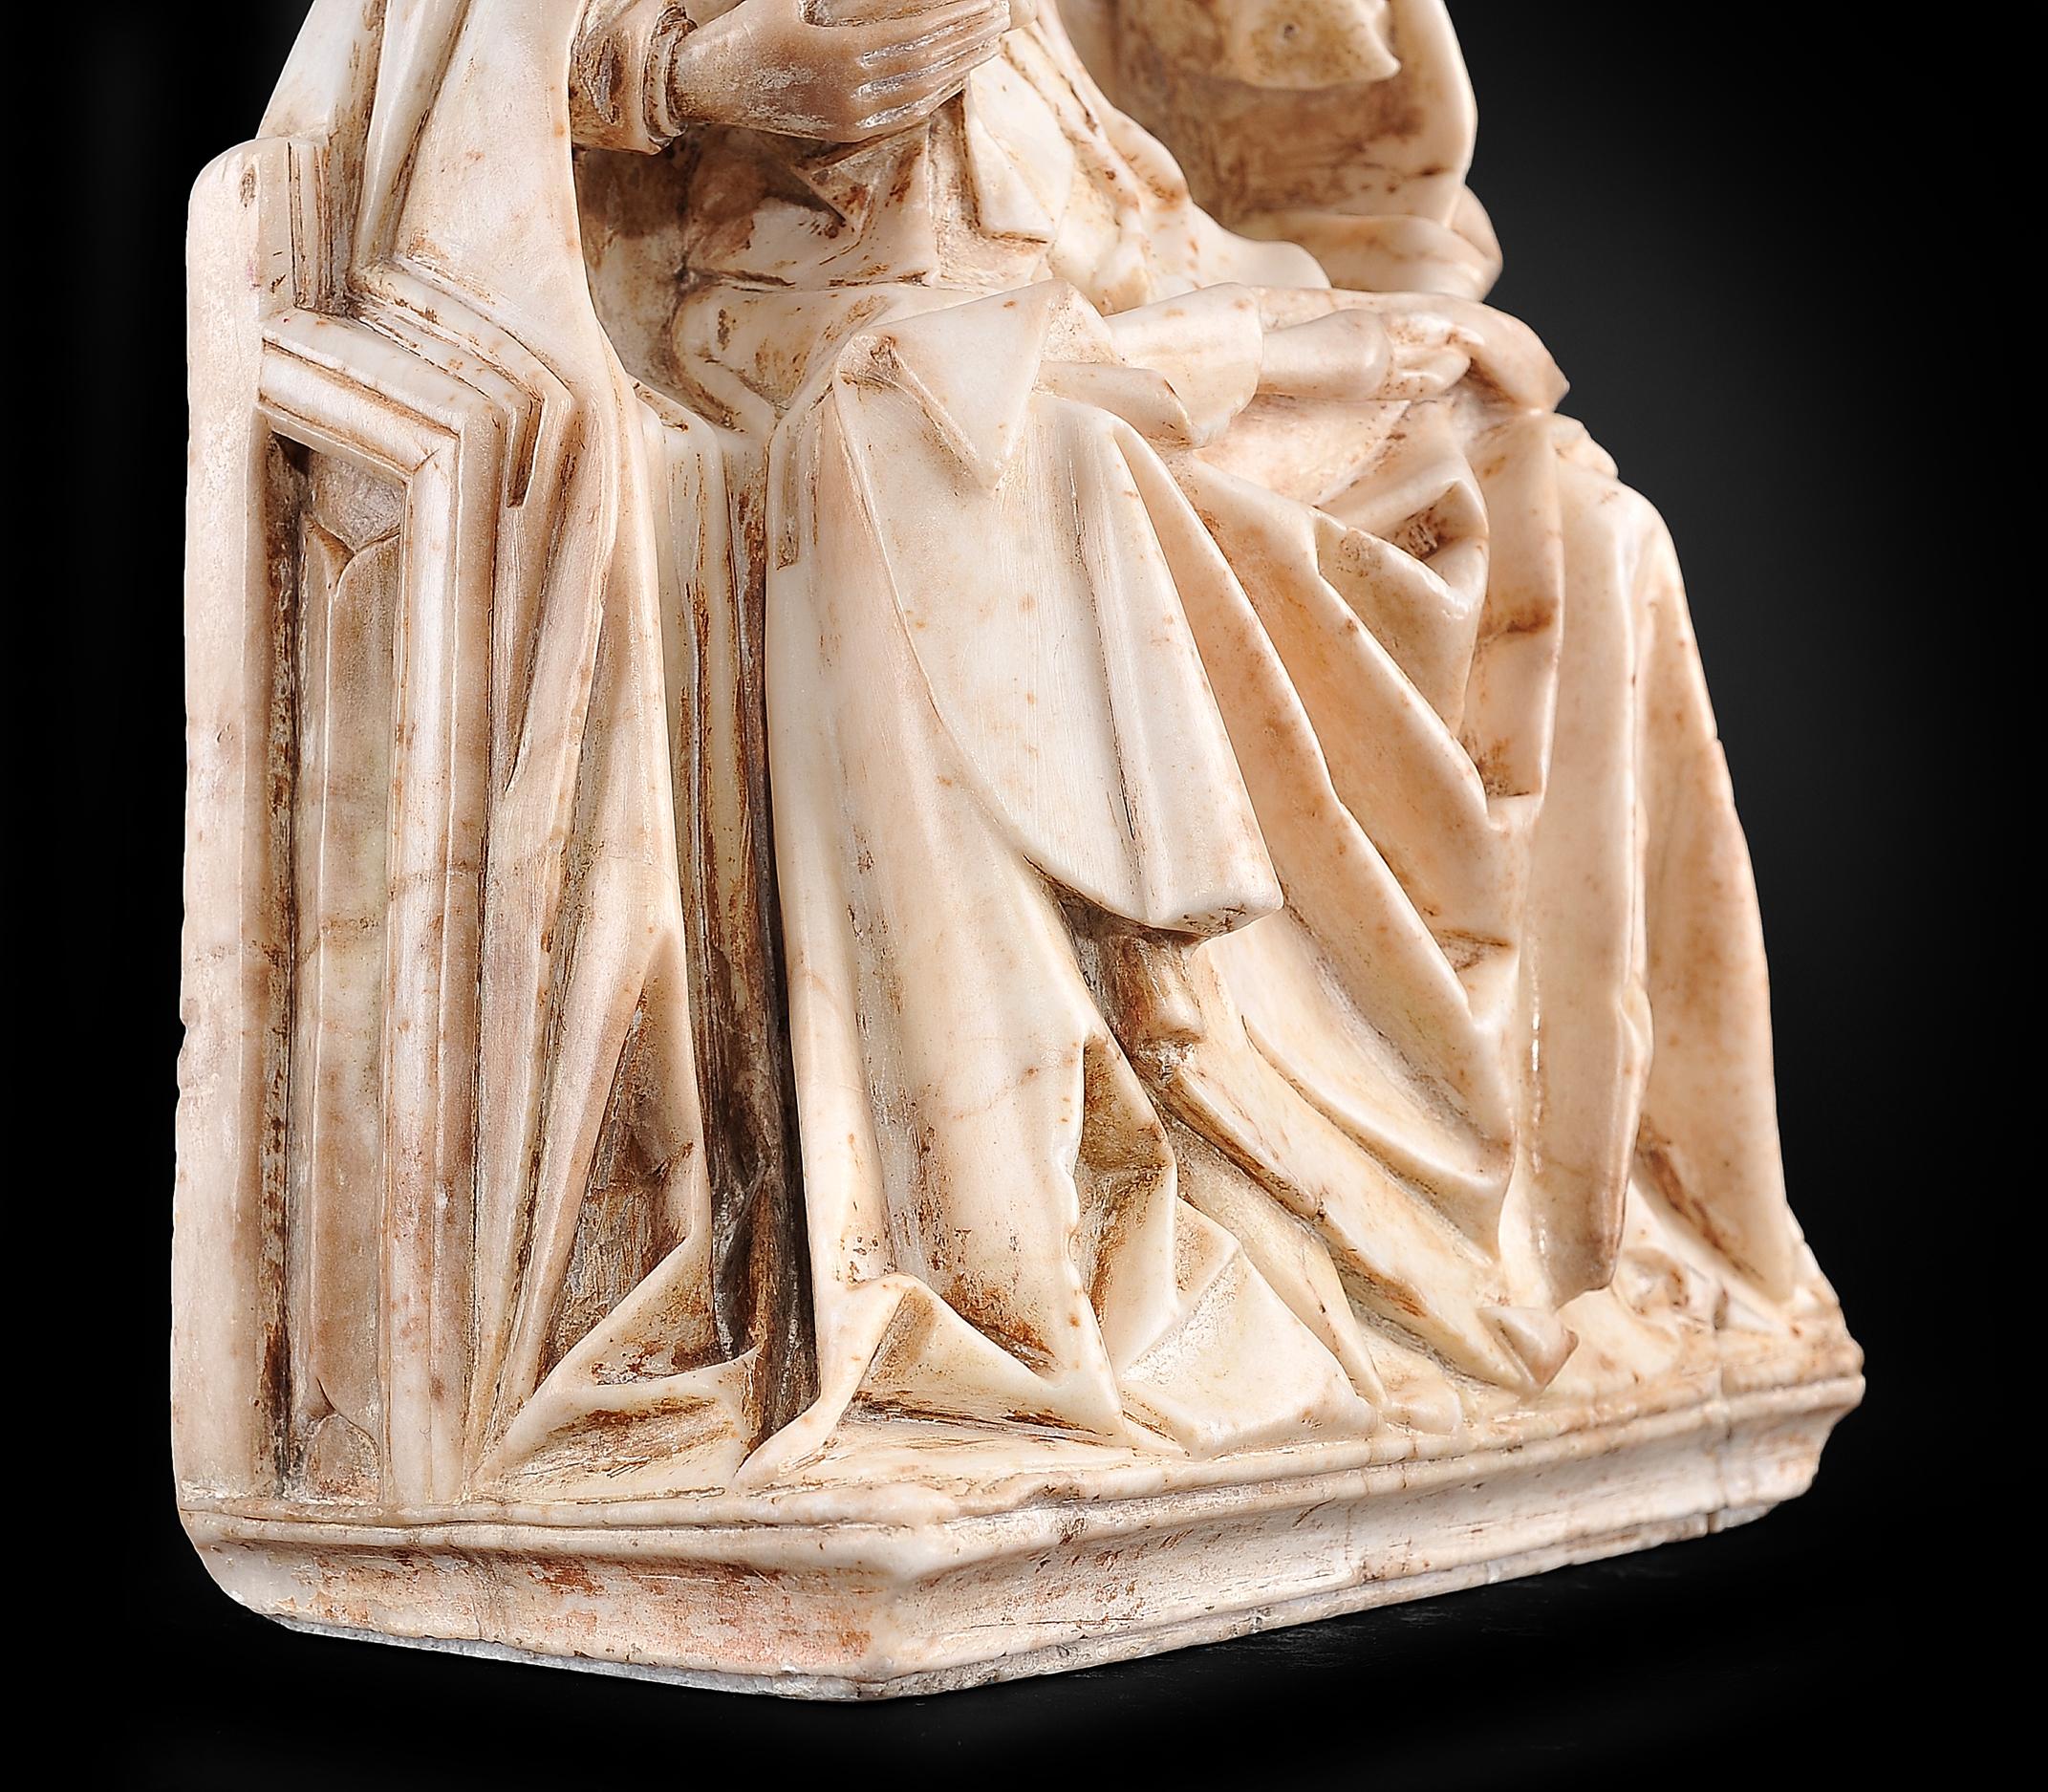 Gil de Siloe, Antwerpen 1440 – 1501 Burgos (und Werkstatt), Sitzende Madonna, um 1485/90 - Image 17 of 25